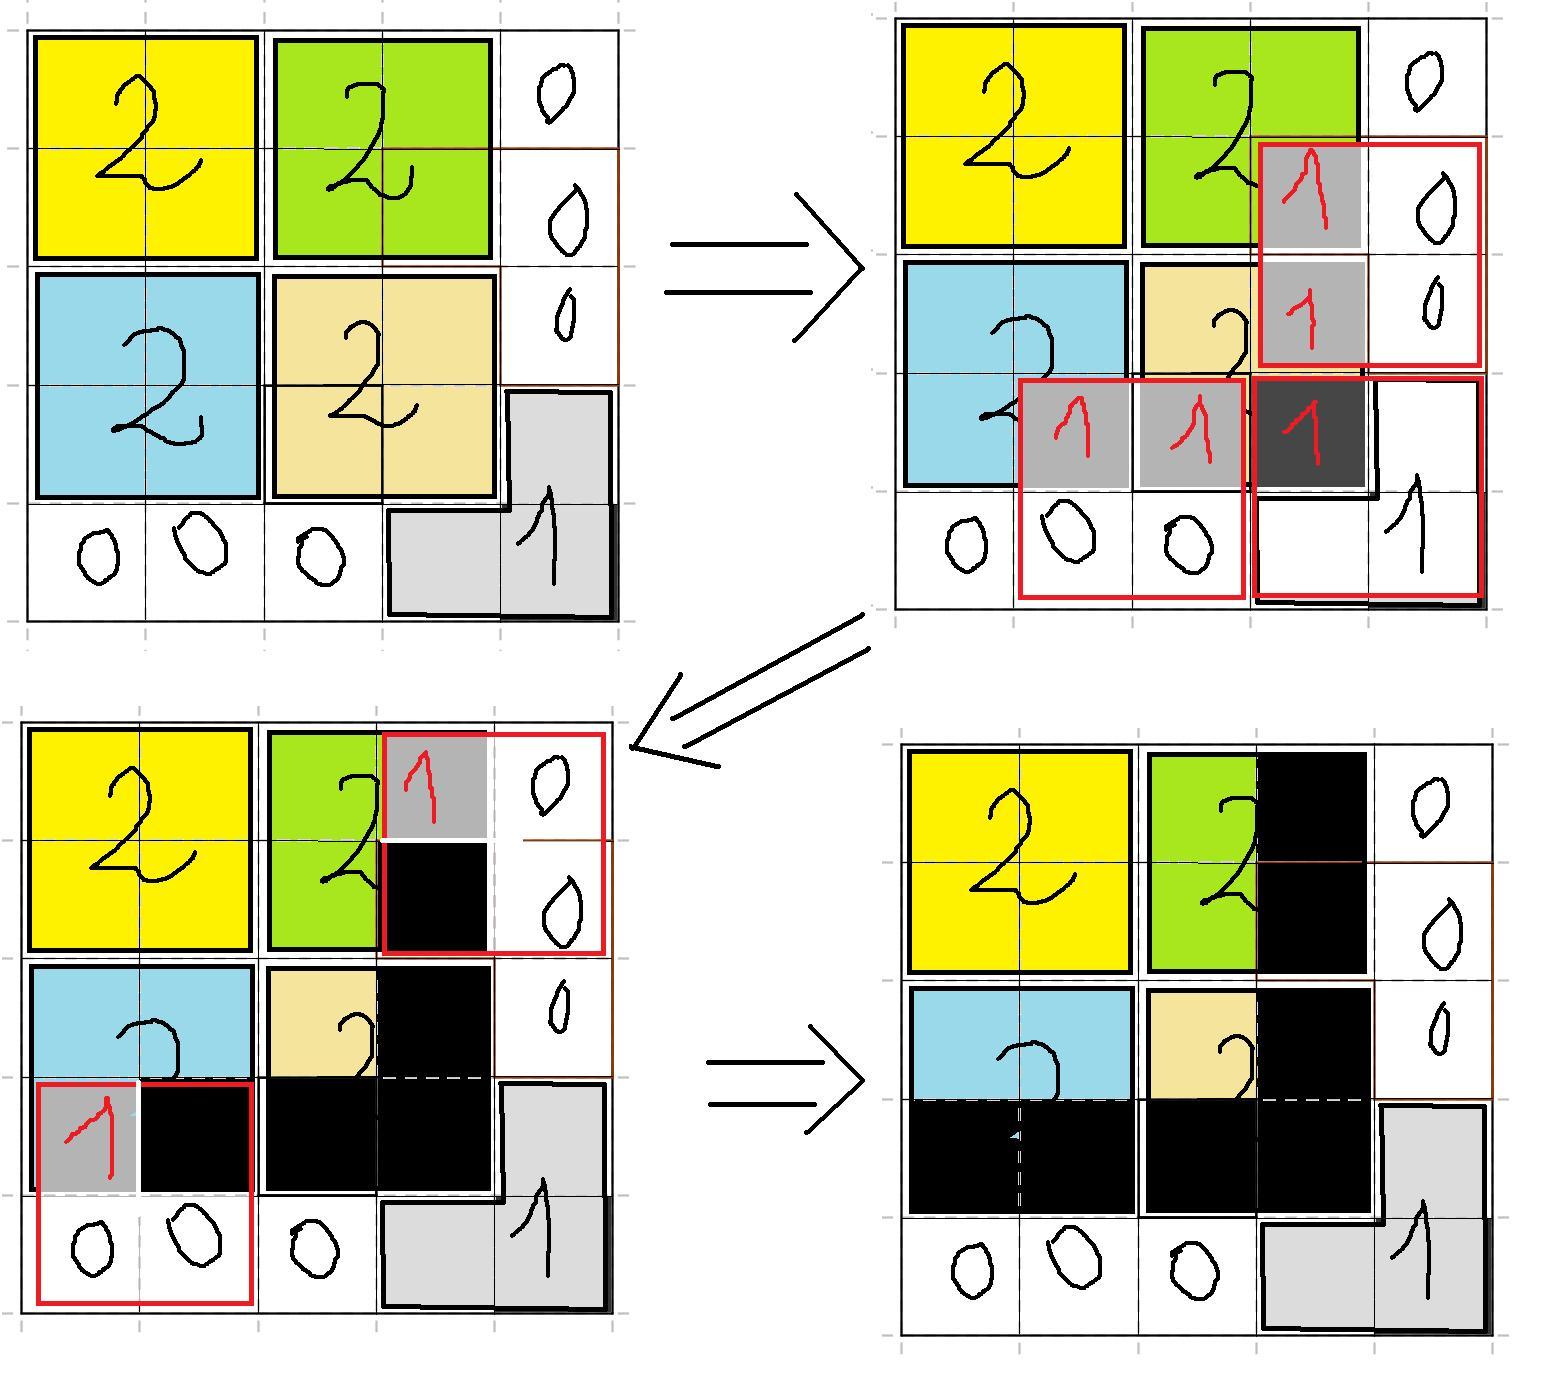 http://www.prise2tete.fr/upload/gwen27-piege2.jpg